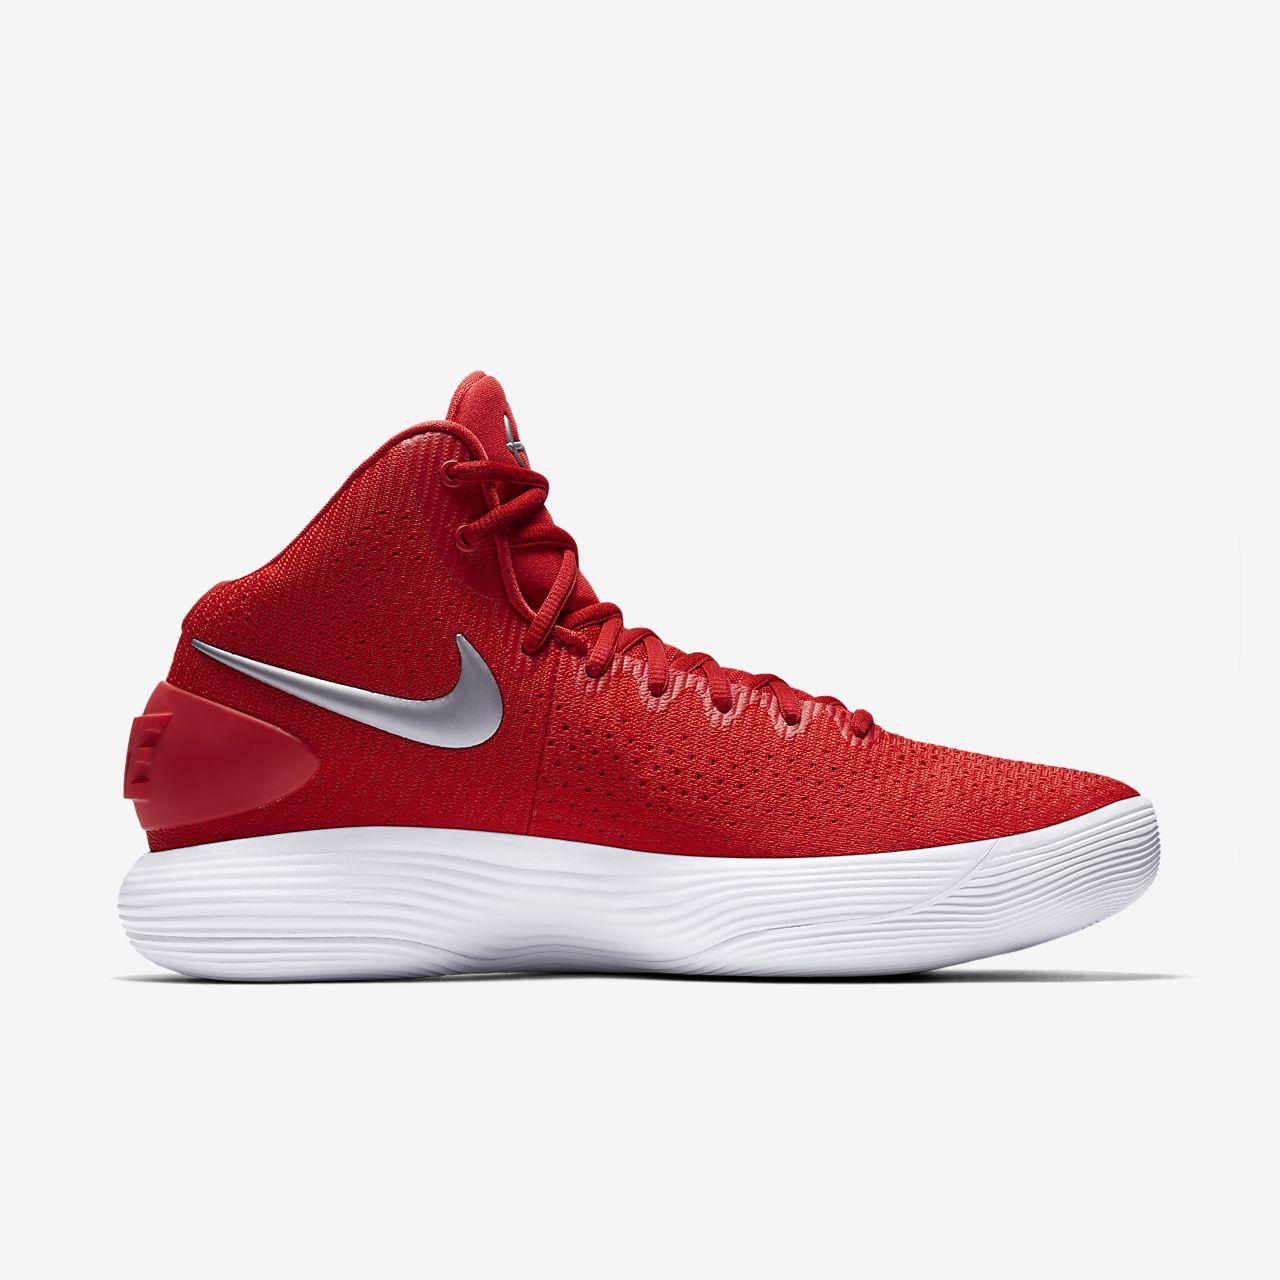 nike youth basketball shoes hyperdunk white hyperdunks